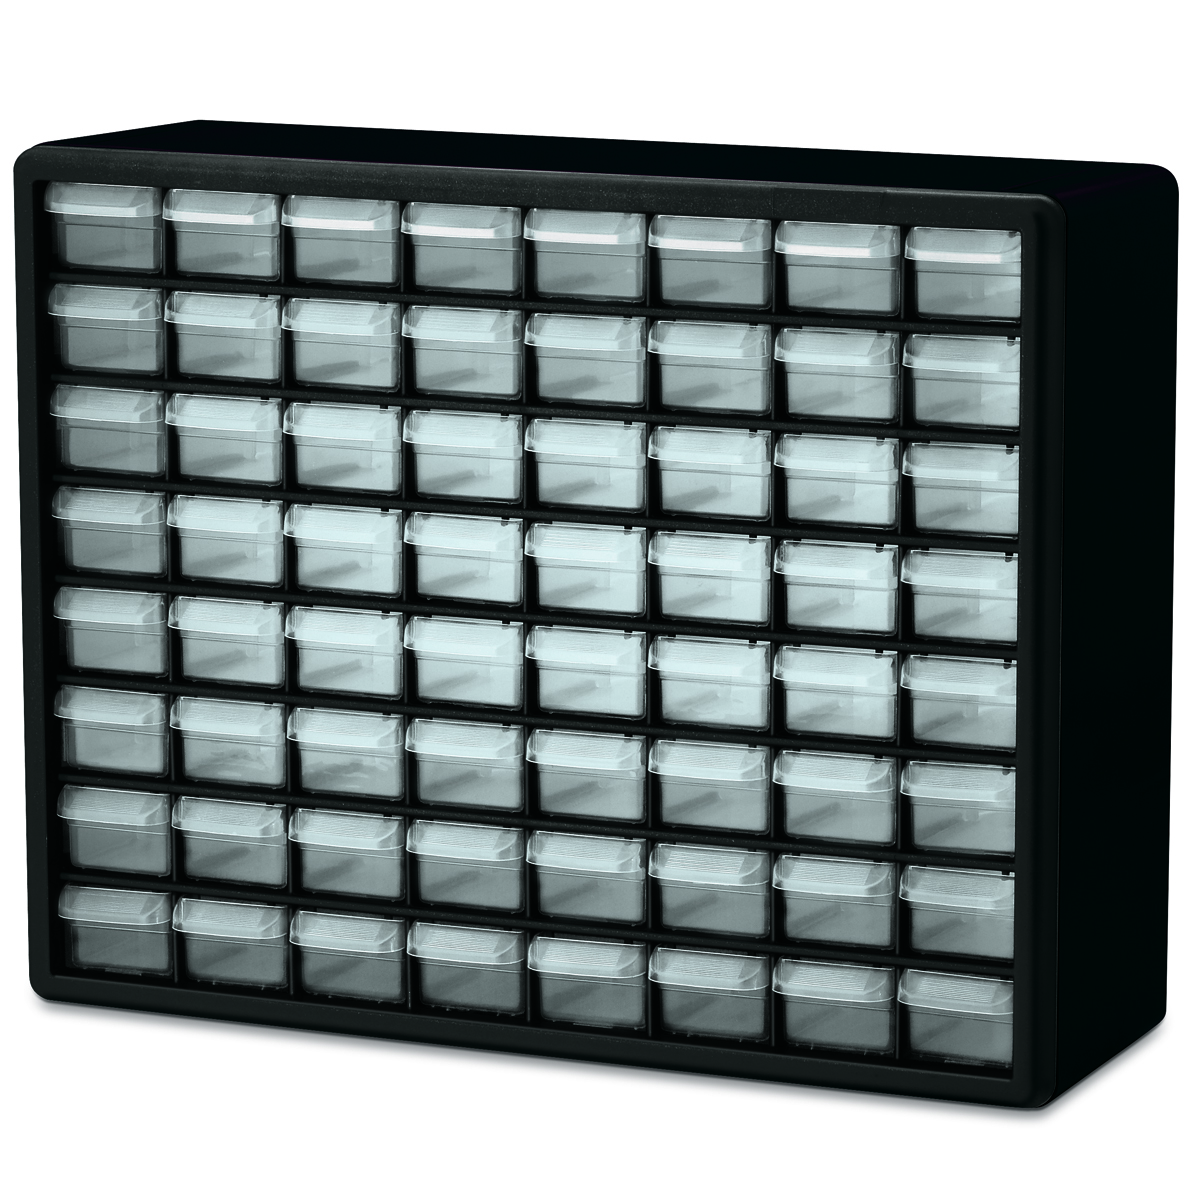 64 Drawer Plastic Storage Cabinet 10164